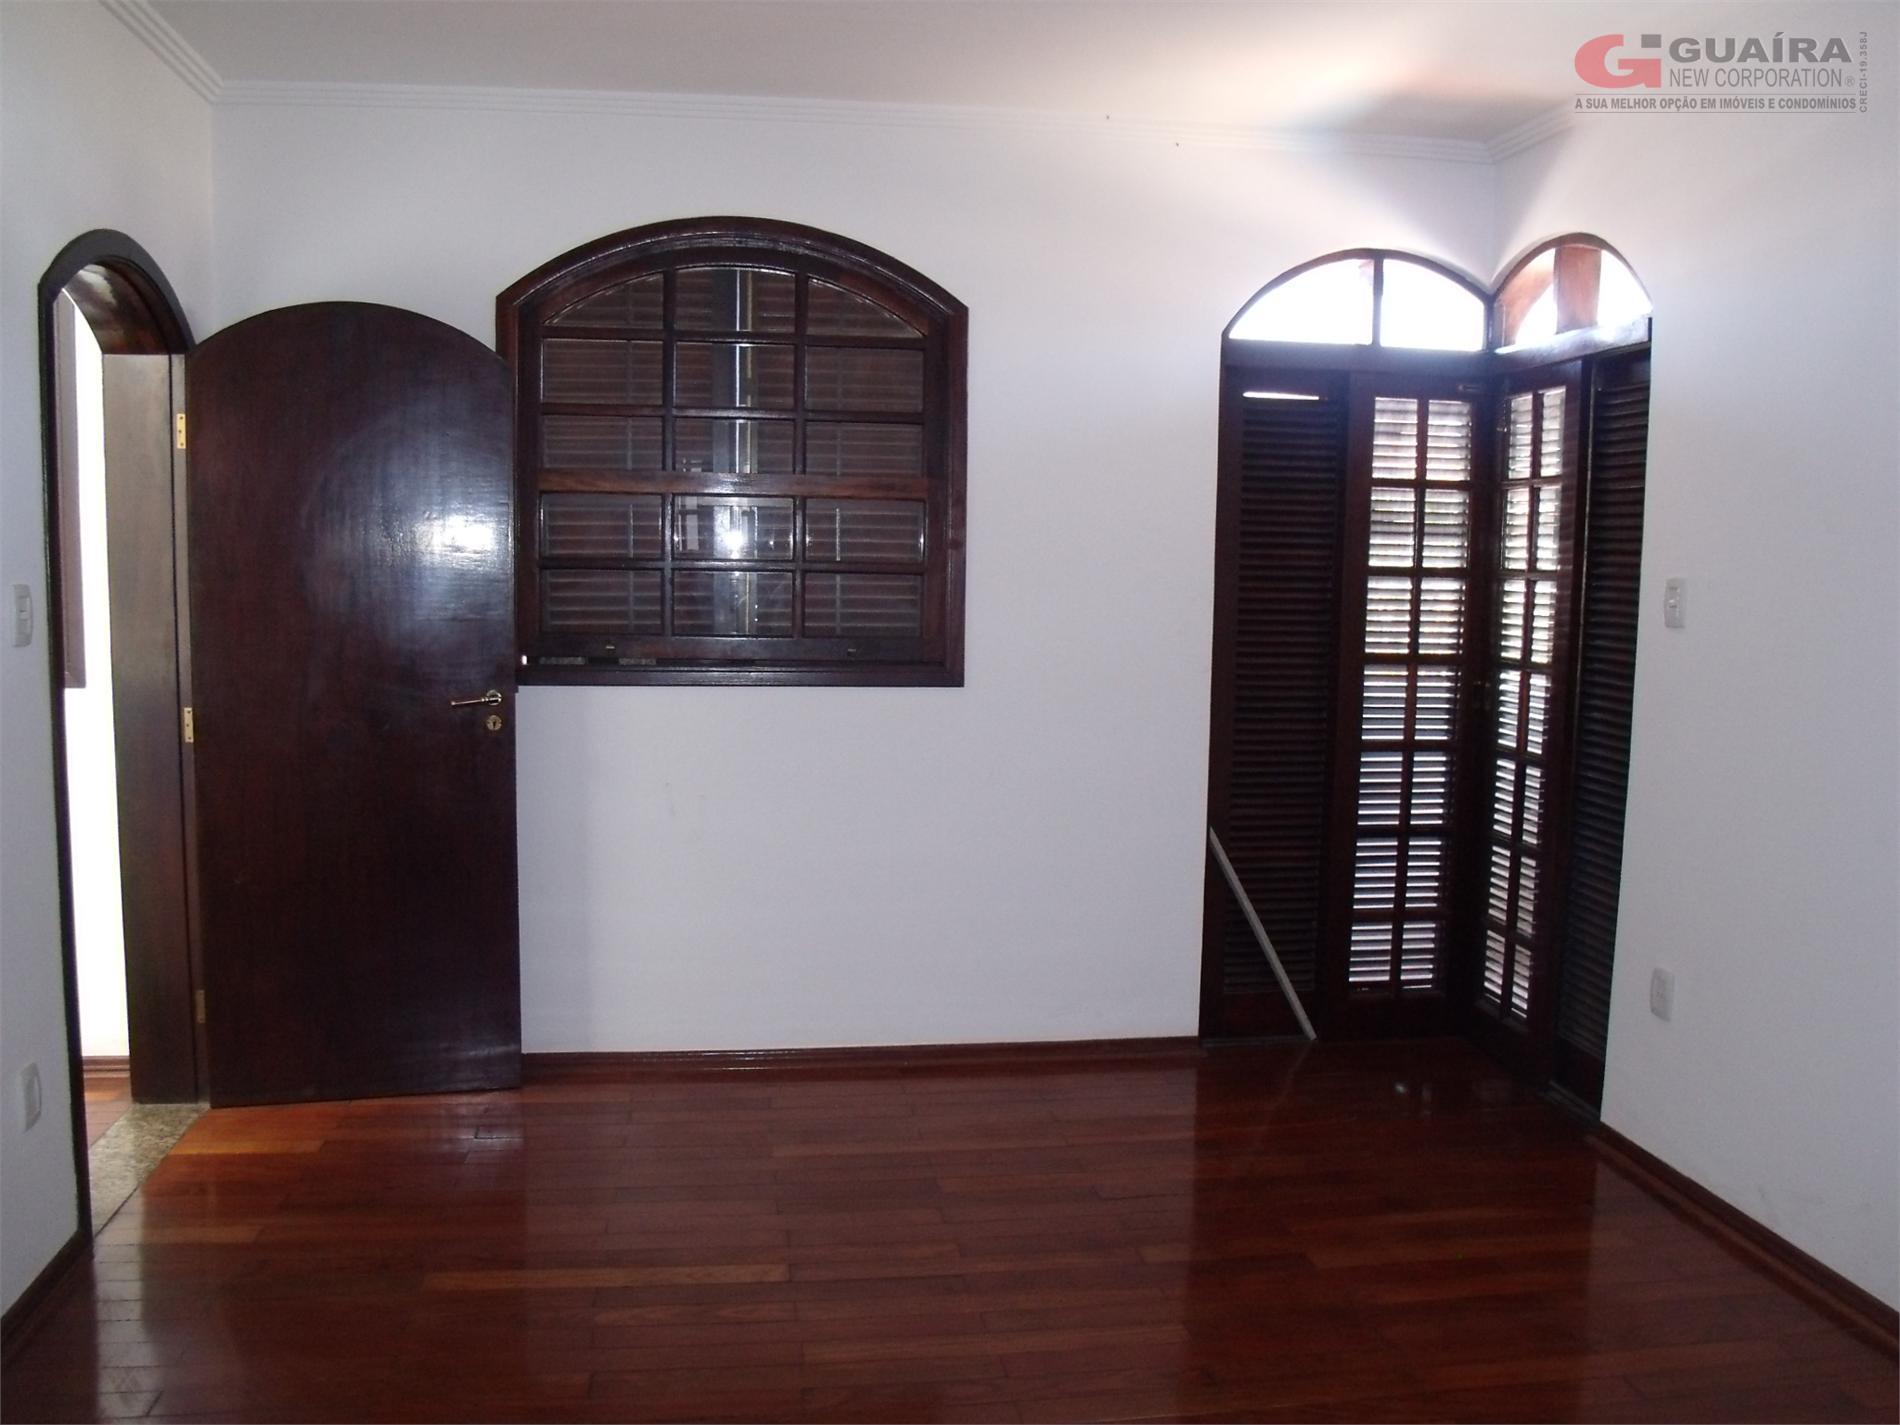 Sobrado de 4 dormitórios em Parque Dos Pássaros, São Bernardo Do Campo - SP